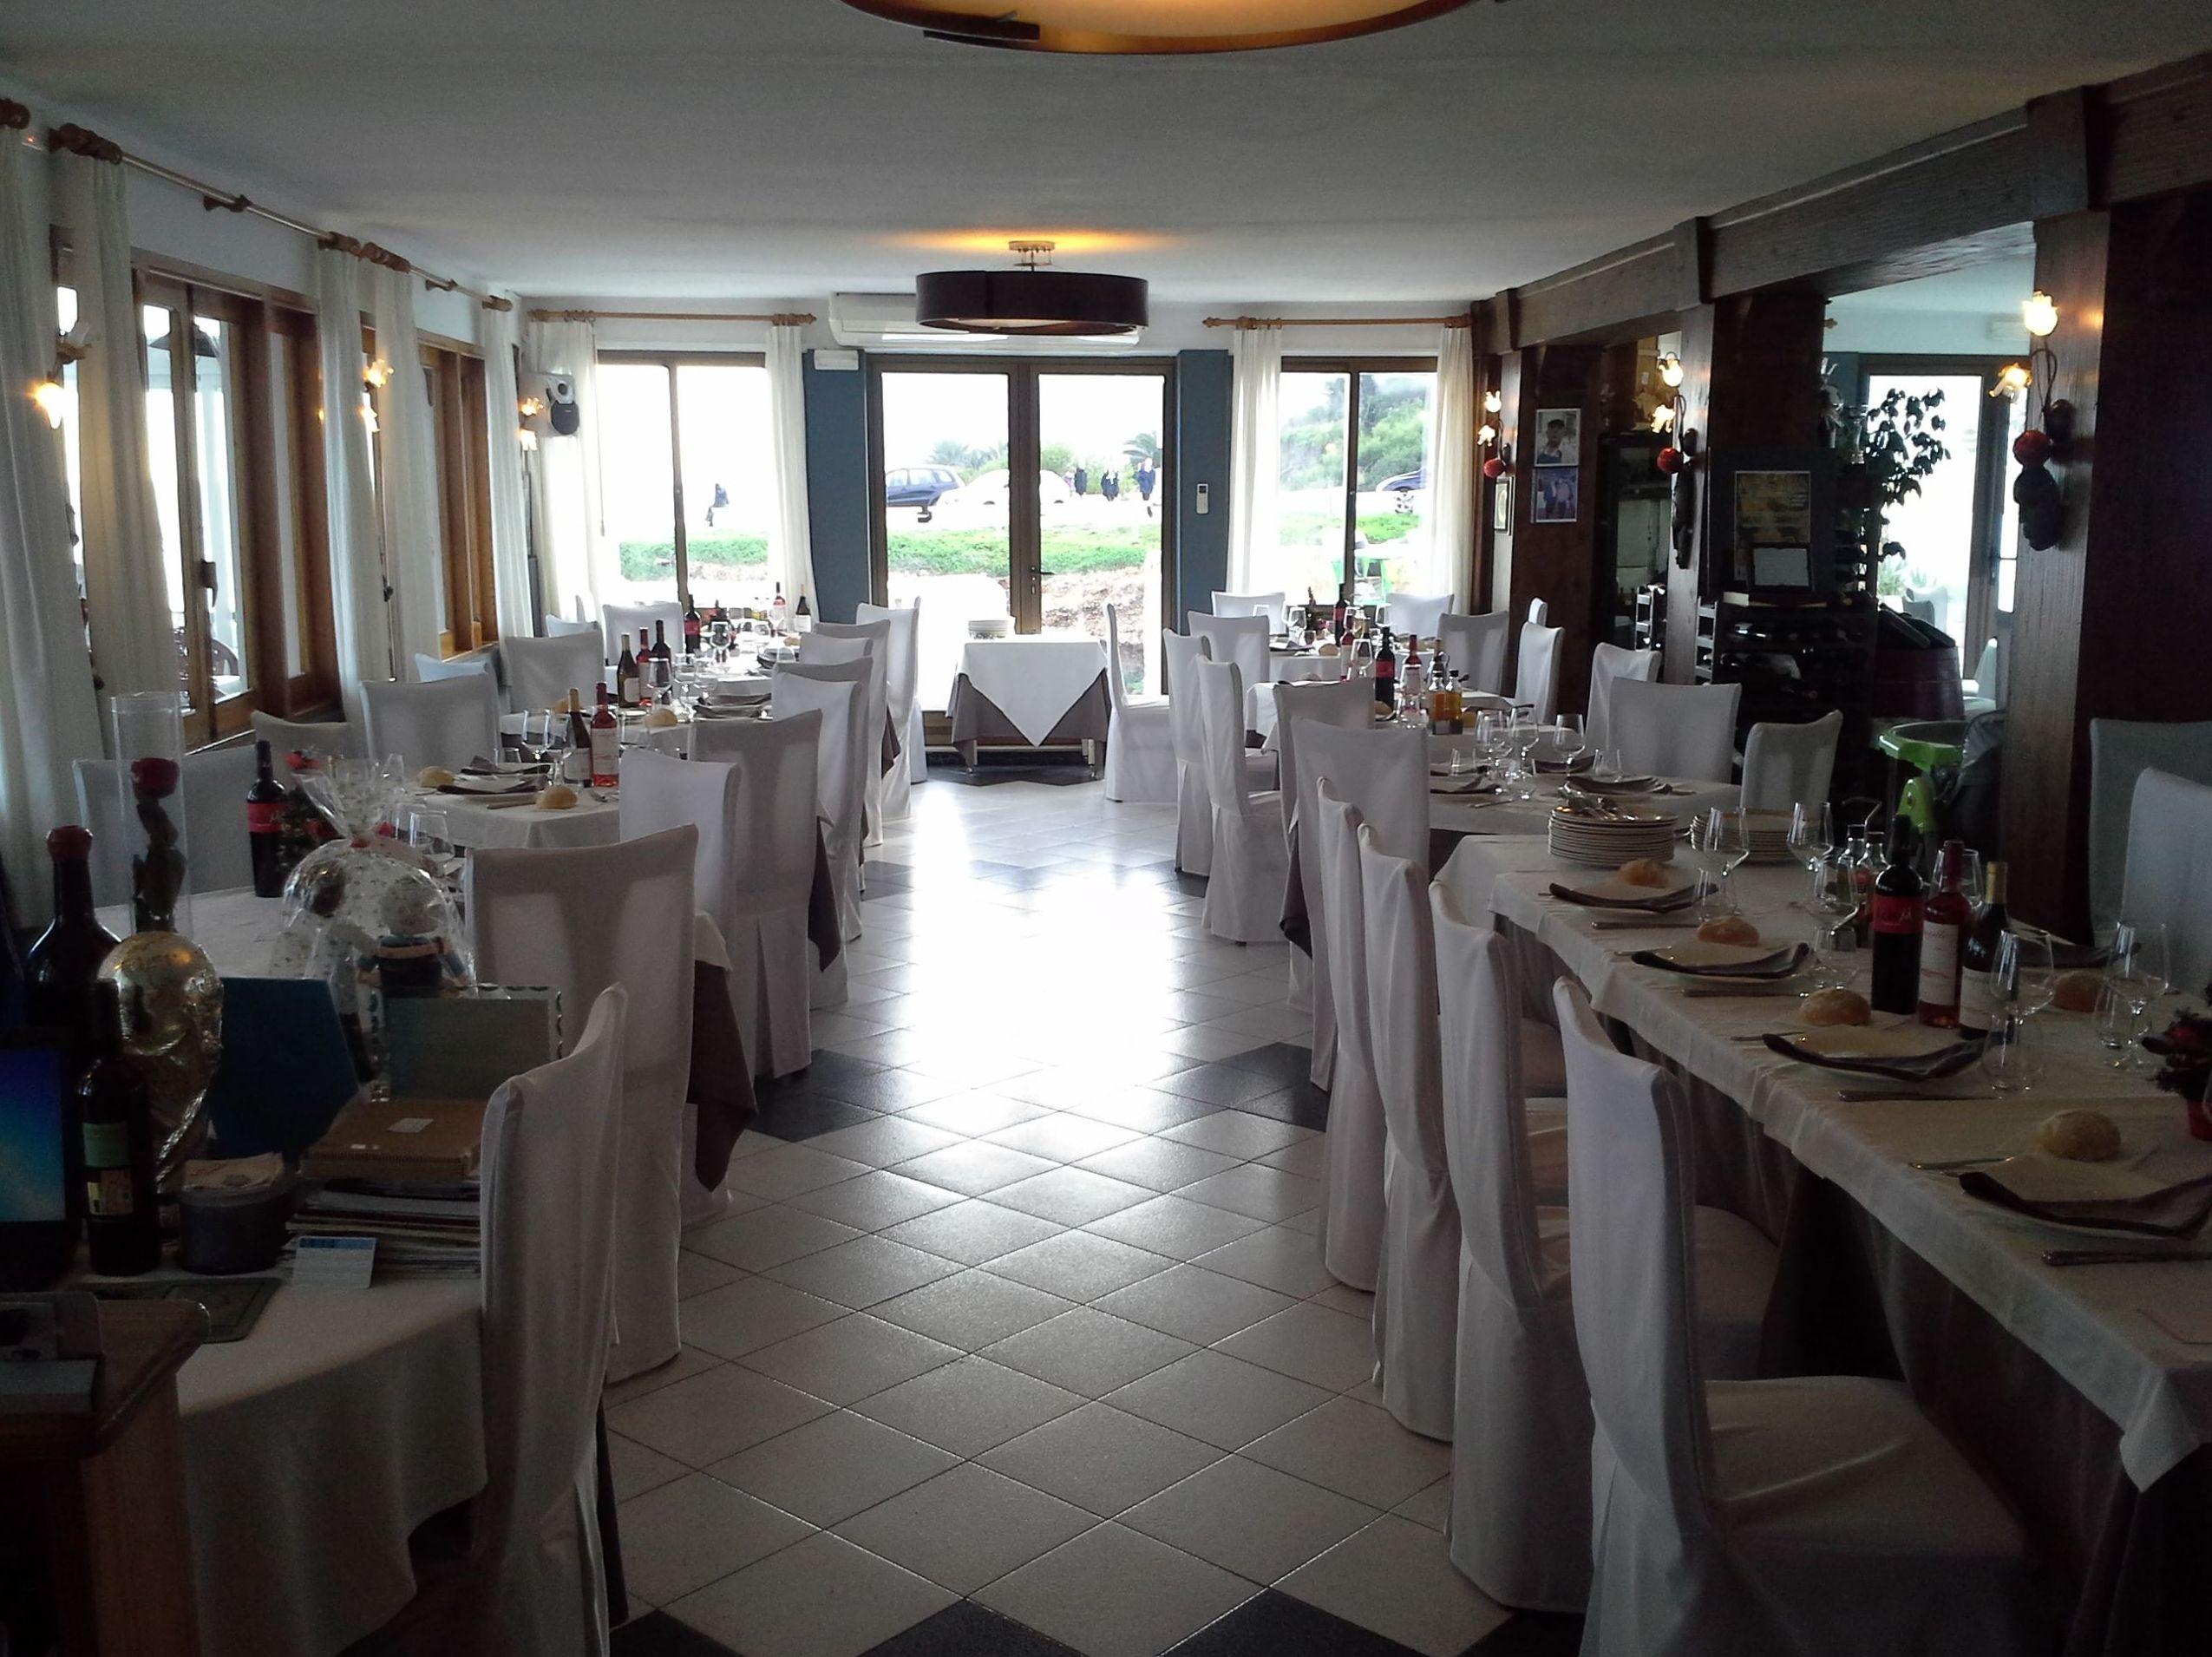 Salones para celebraciones y comidas de empresa